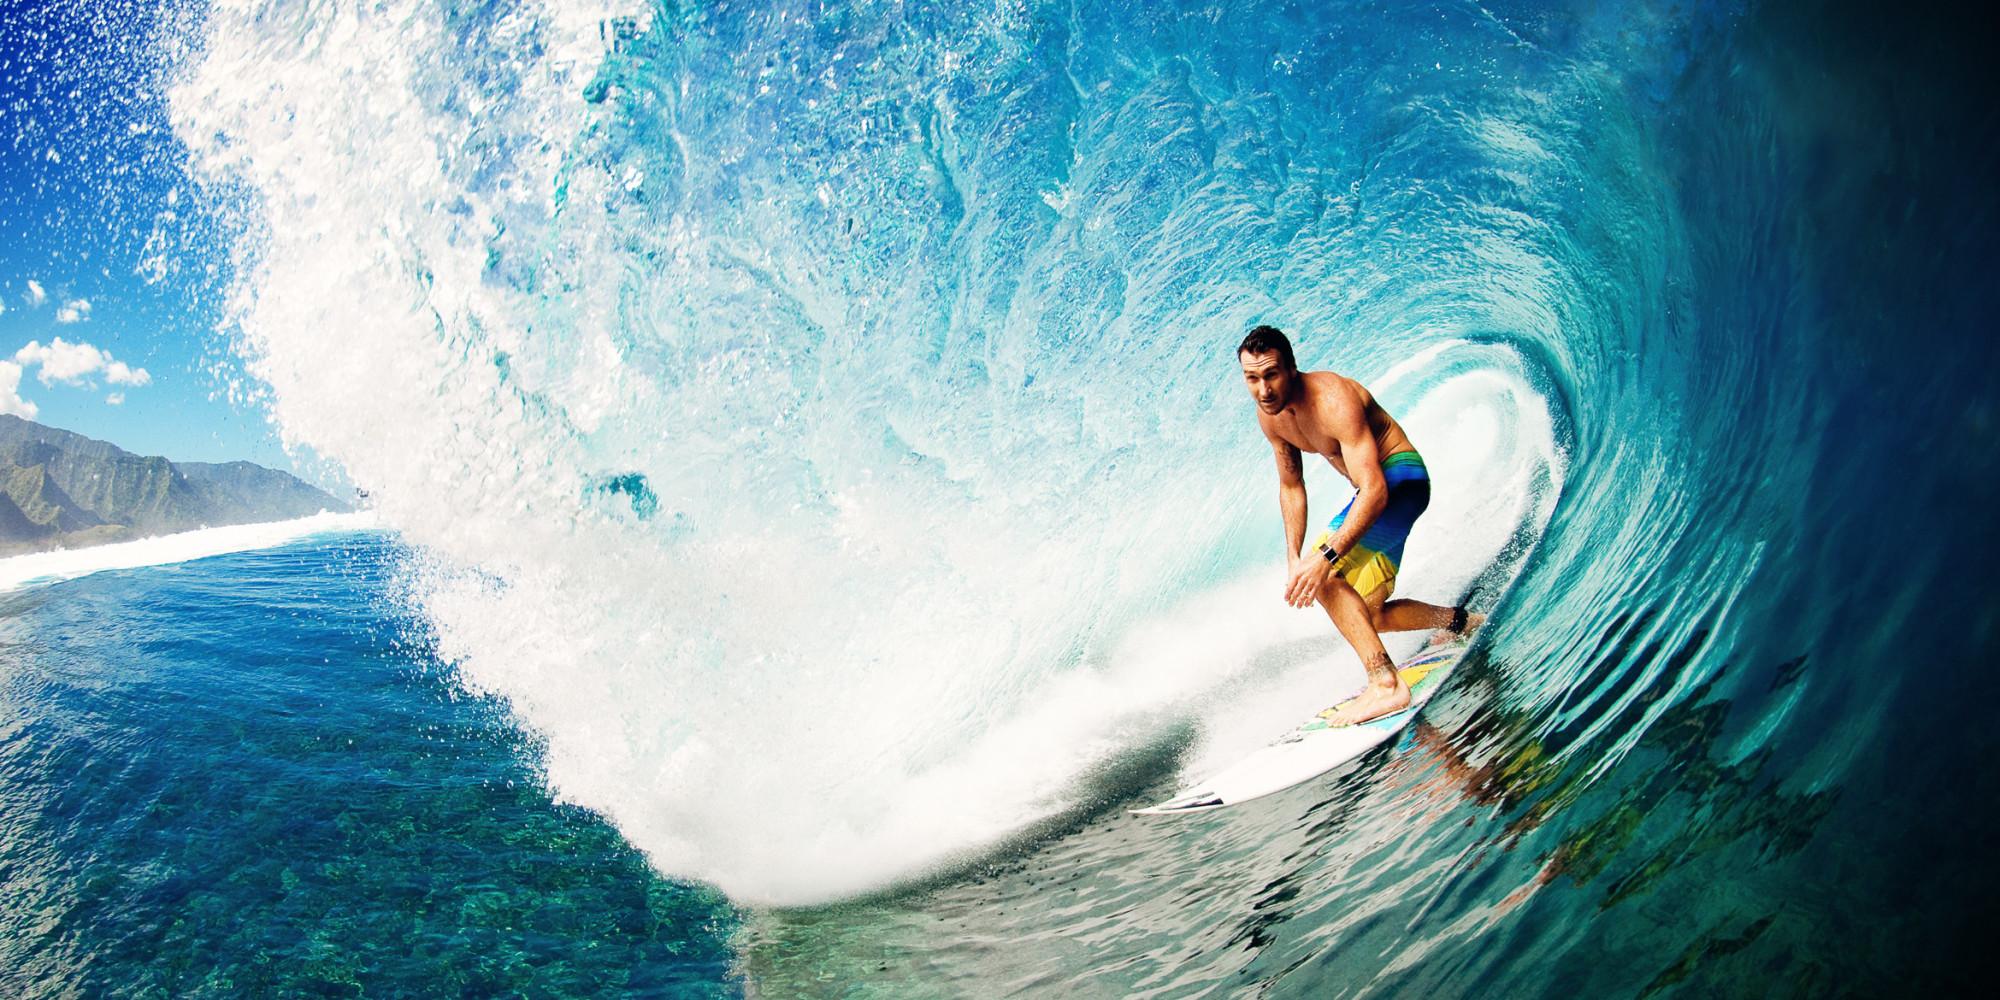 Adenture sports - Surfing